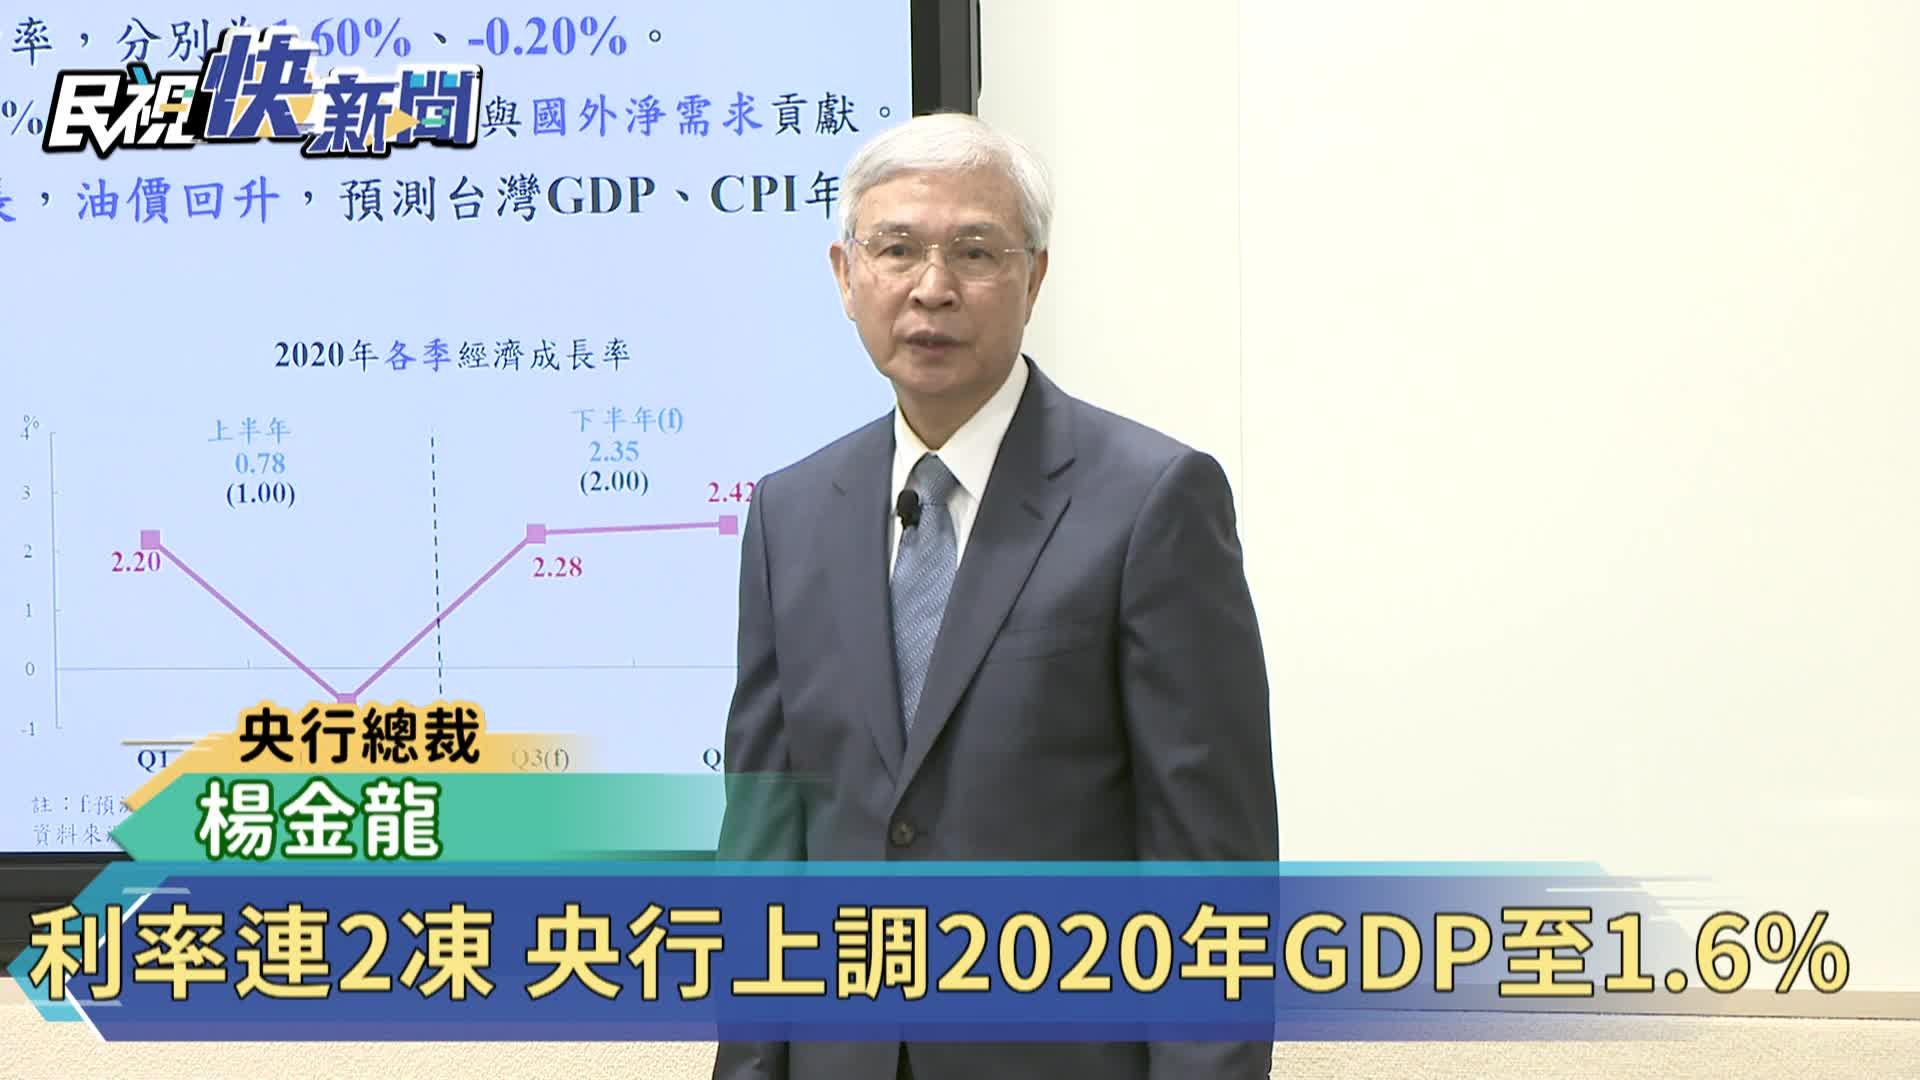 利率連2凍 央行上調2020年GDP至1.6%